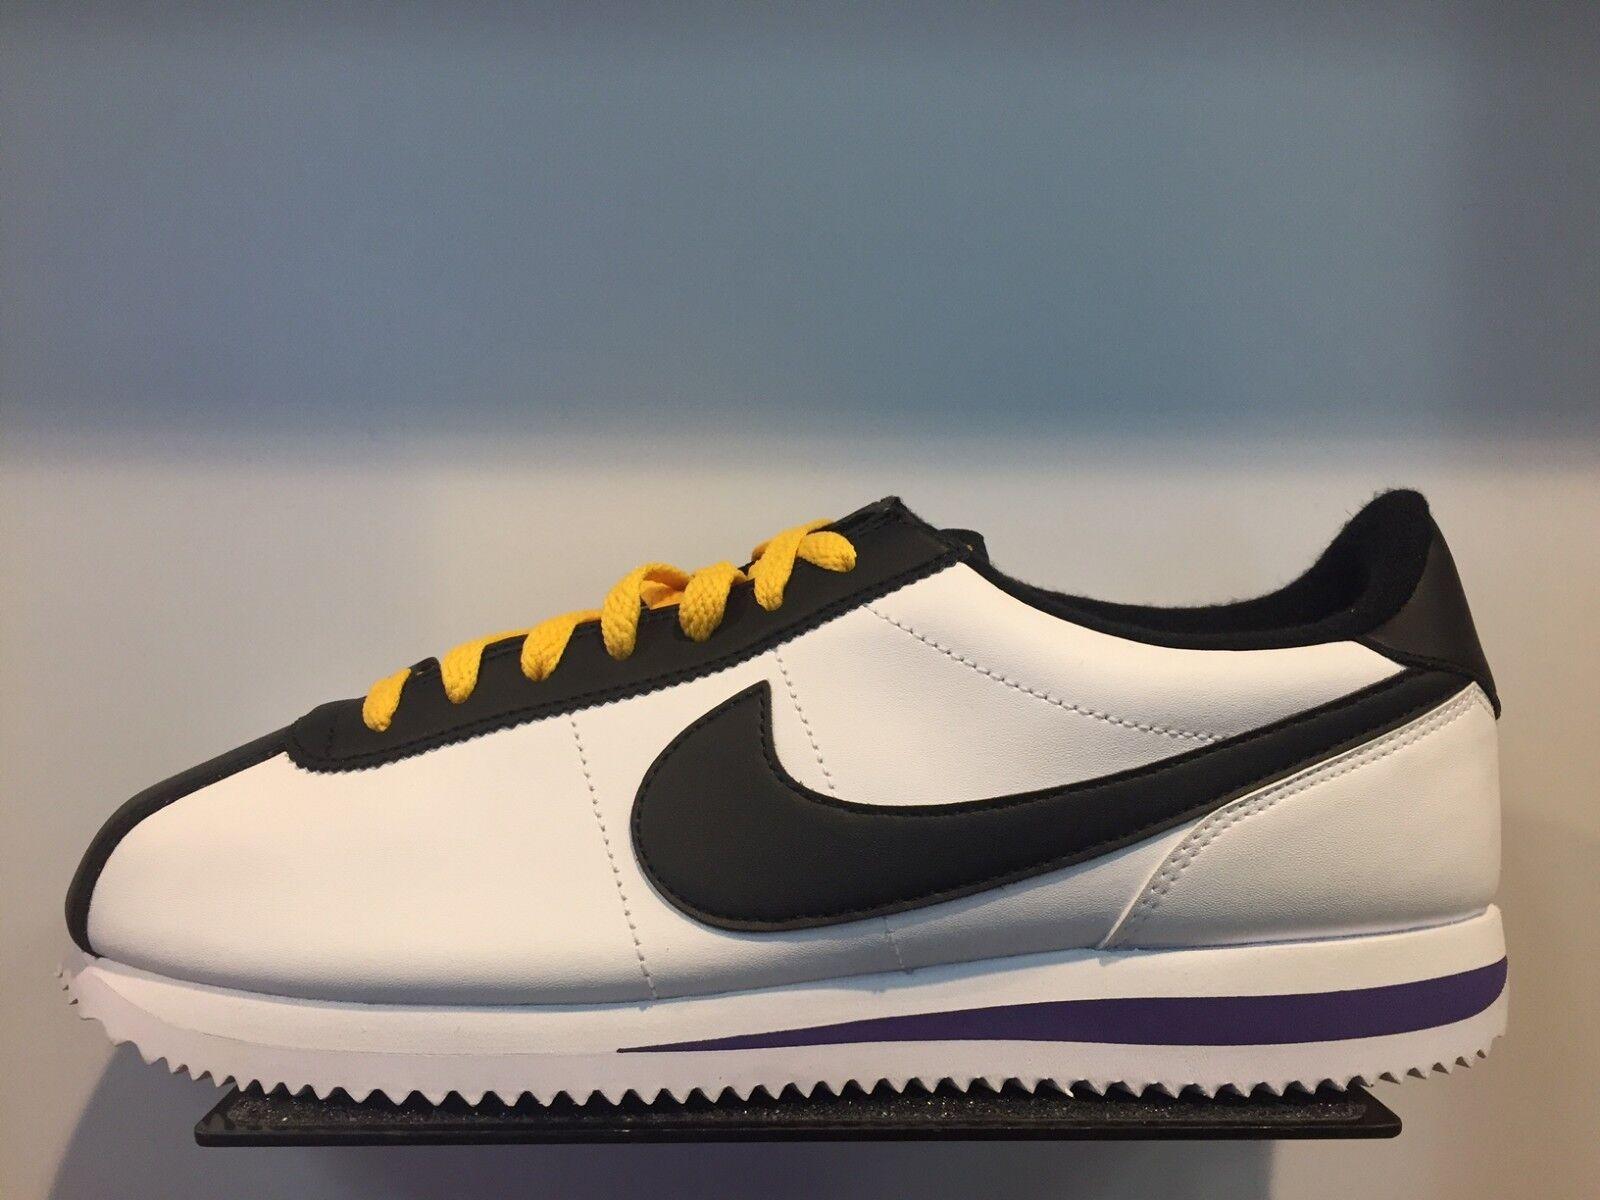 Nike Cortez blancoo Negro Amarillo campo púrpura de de de cuero Talla 8-13 Nuevo Ds 973ff8